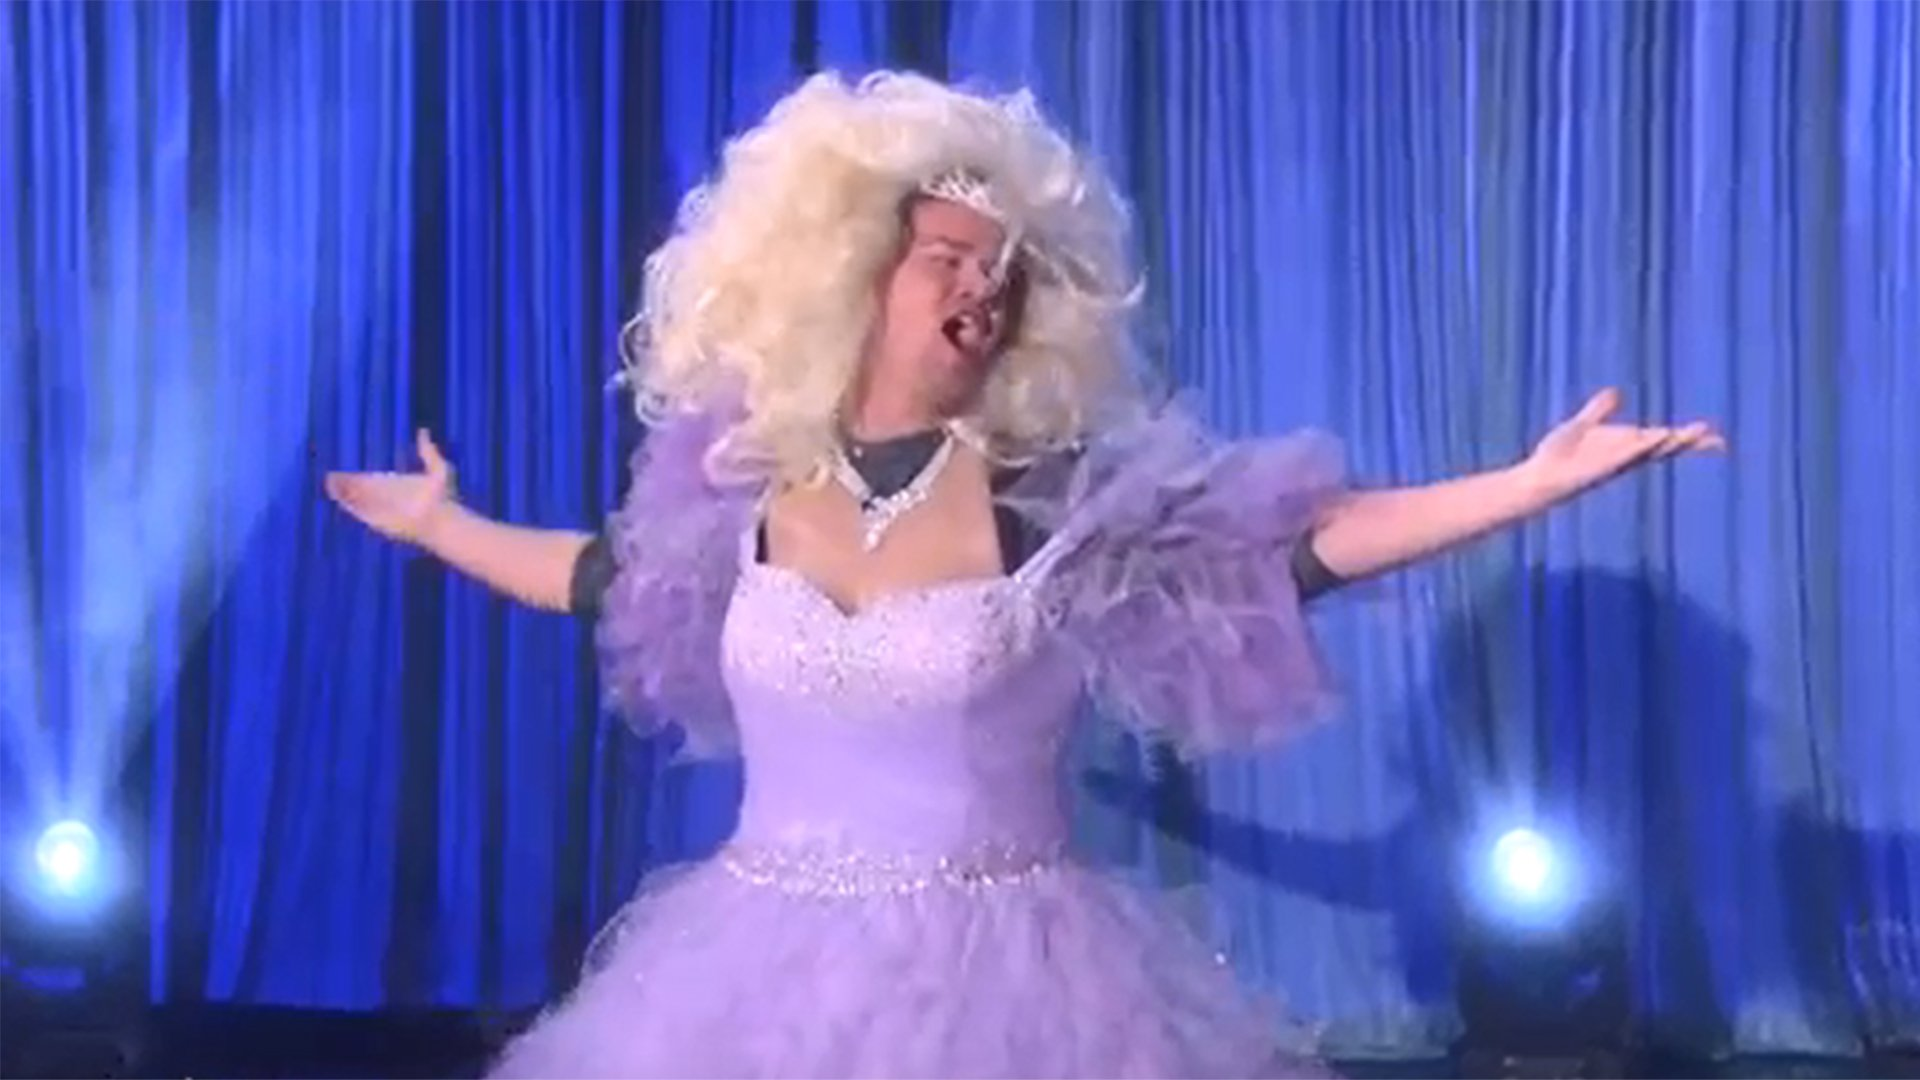 .@channingtatum channels his inner princess to perform 'Let It Go' on 'Ellen' https://t.co/wGkUyTTSbH https://t.co/lnbx6fd7vJ